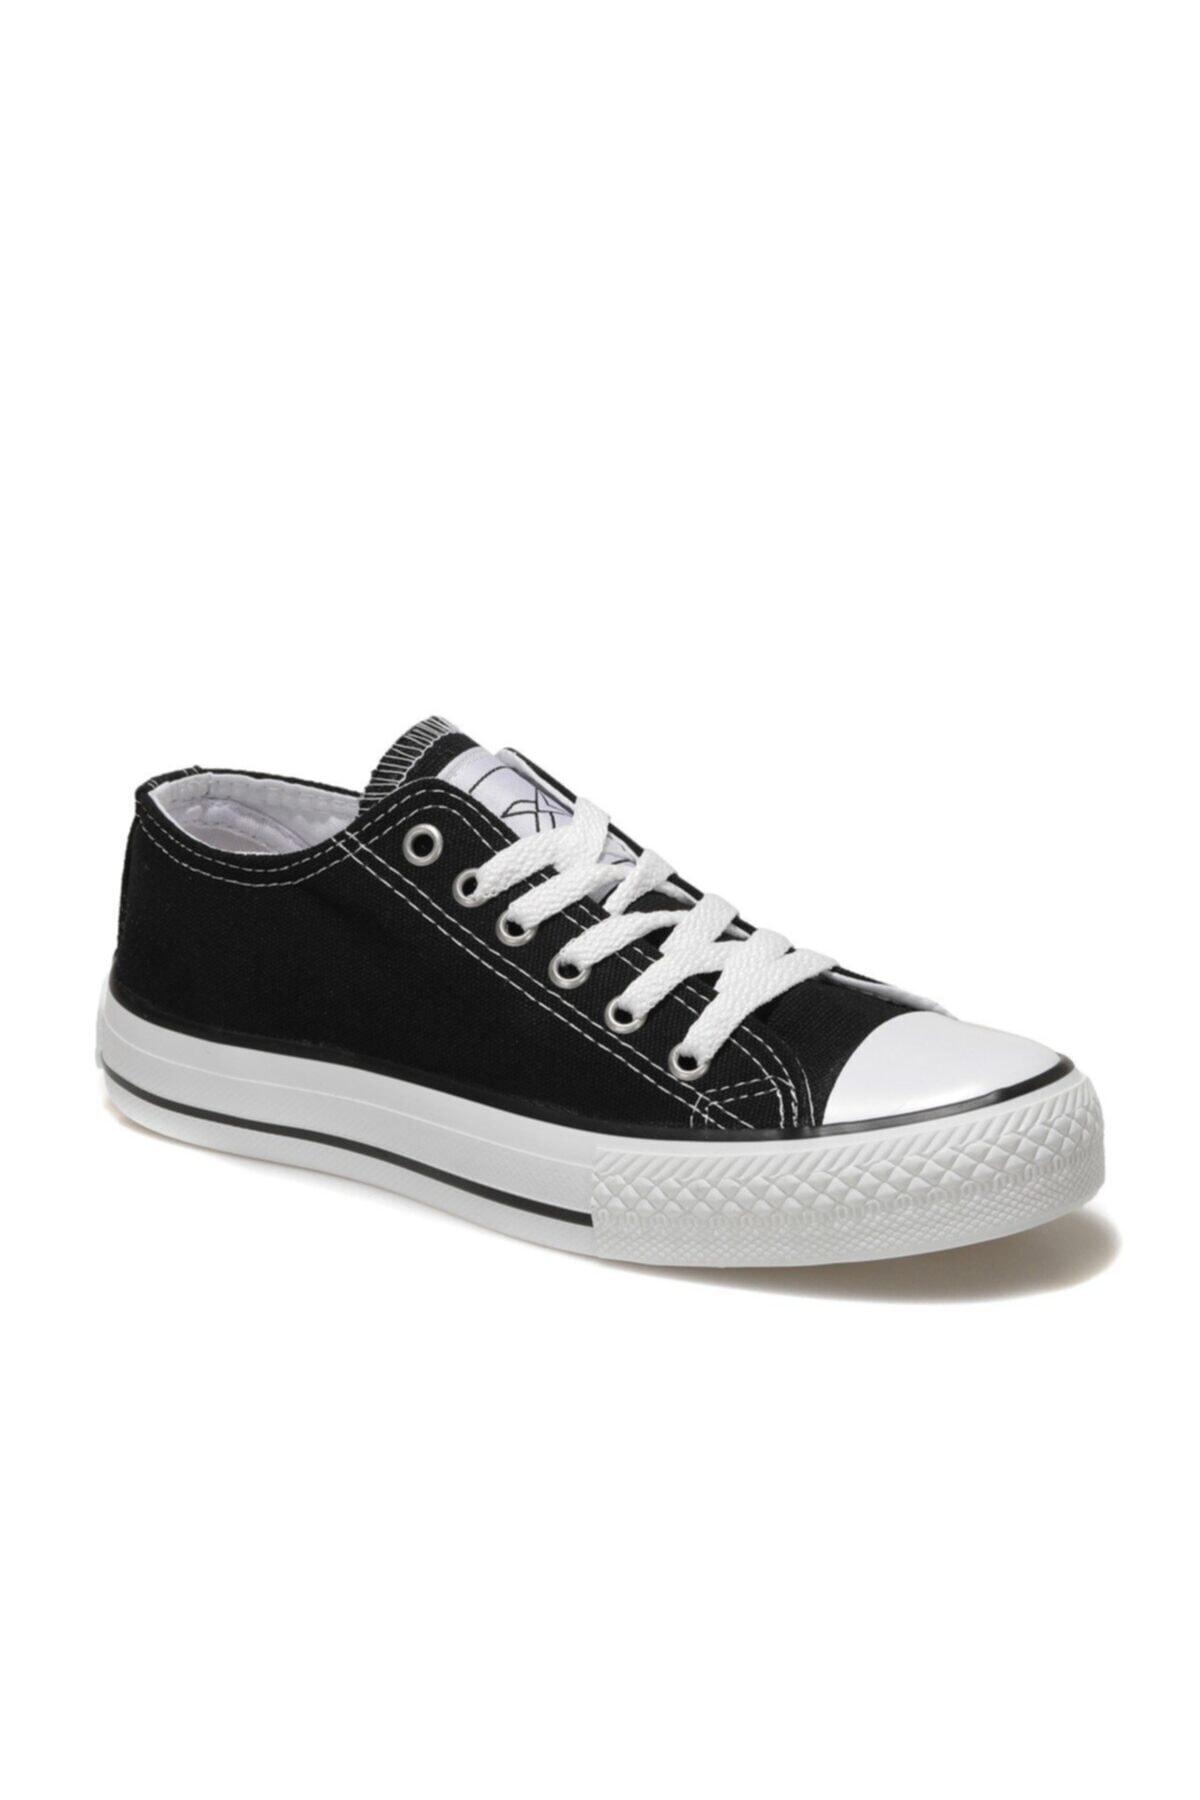 FOWLER W 1FX Siyah Kadın Sneaker Ayakkabı 101018725